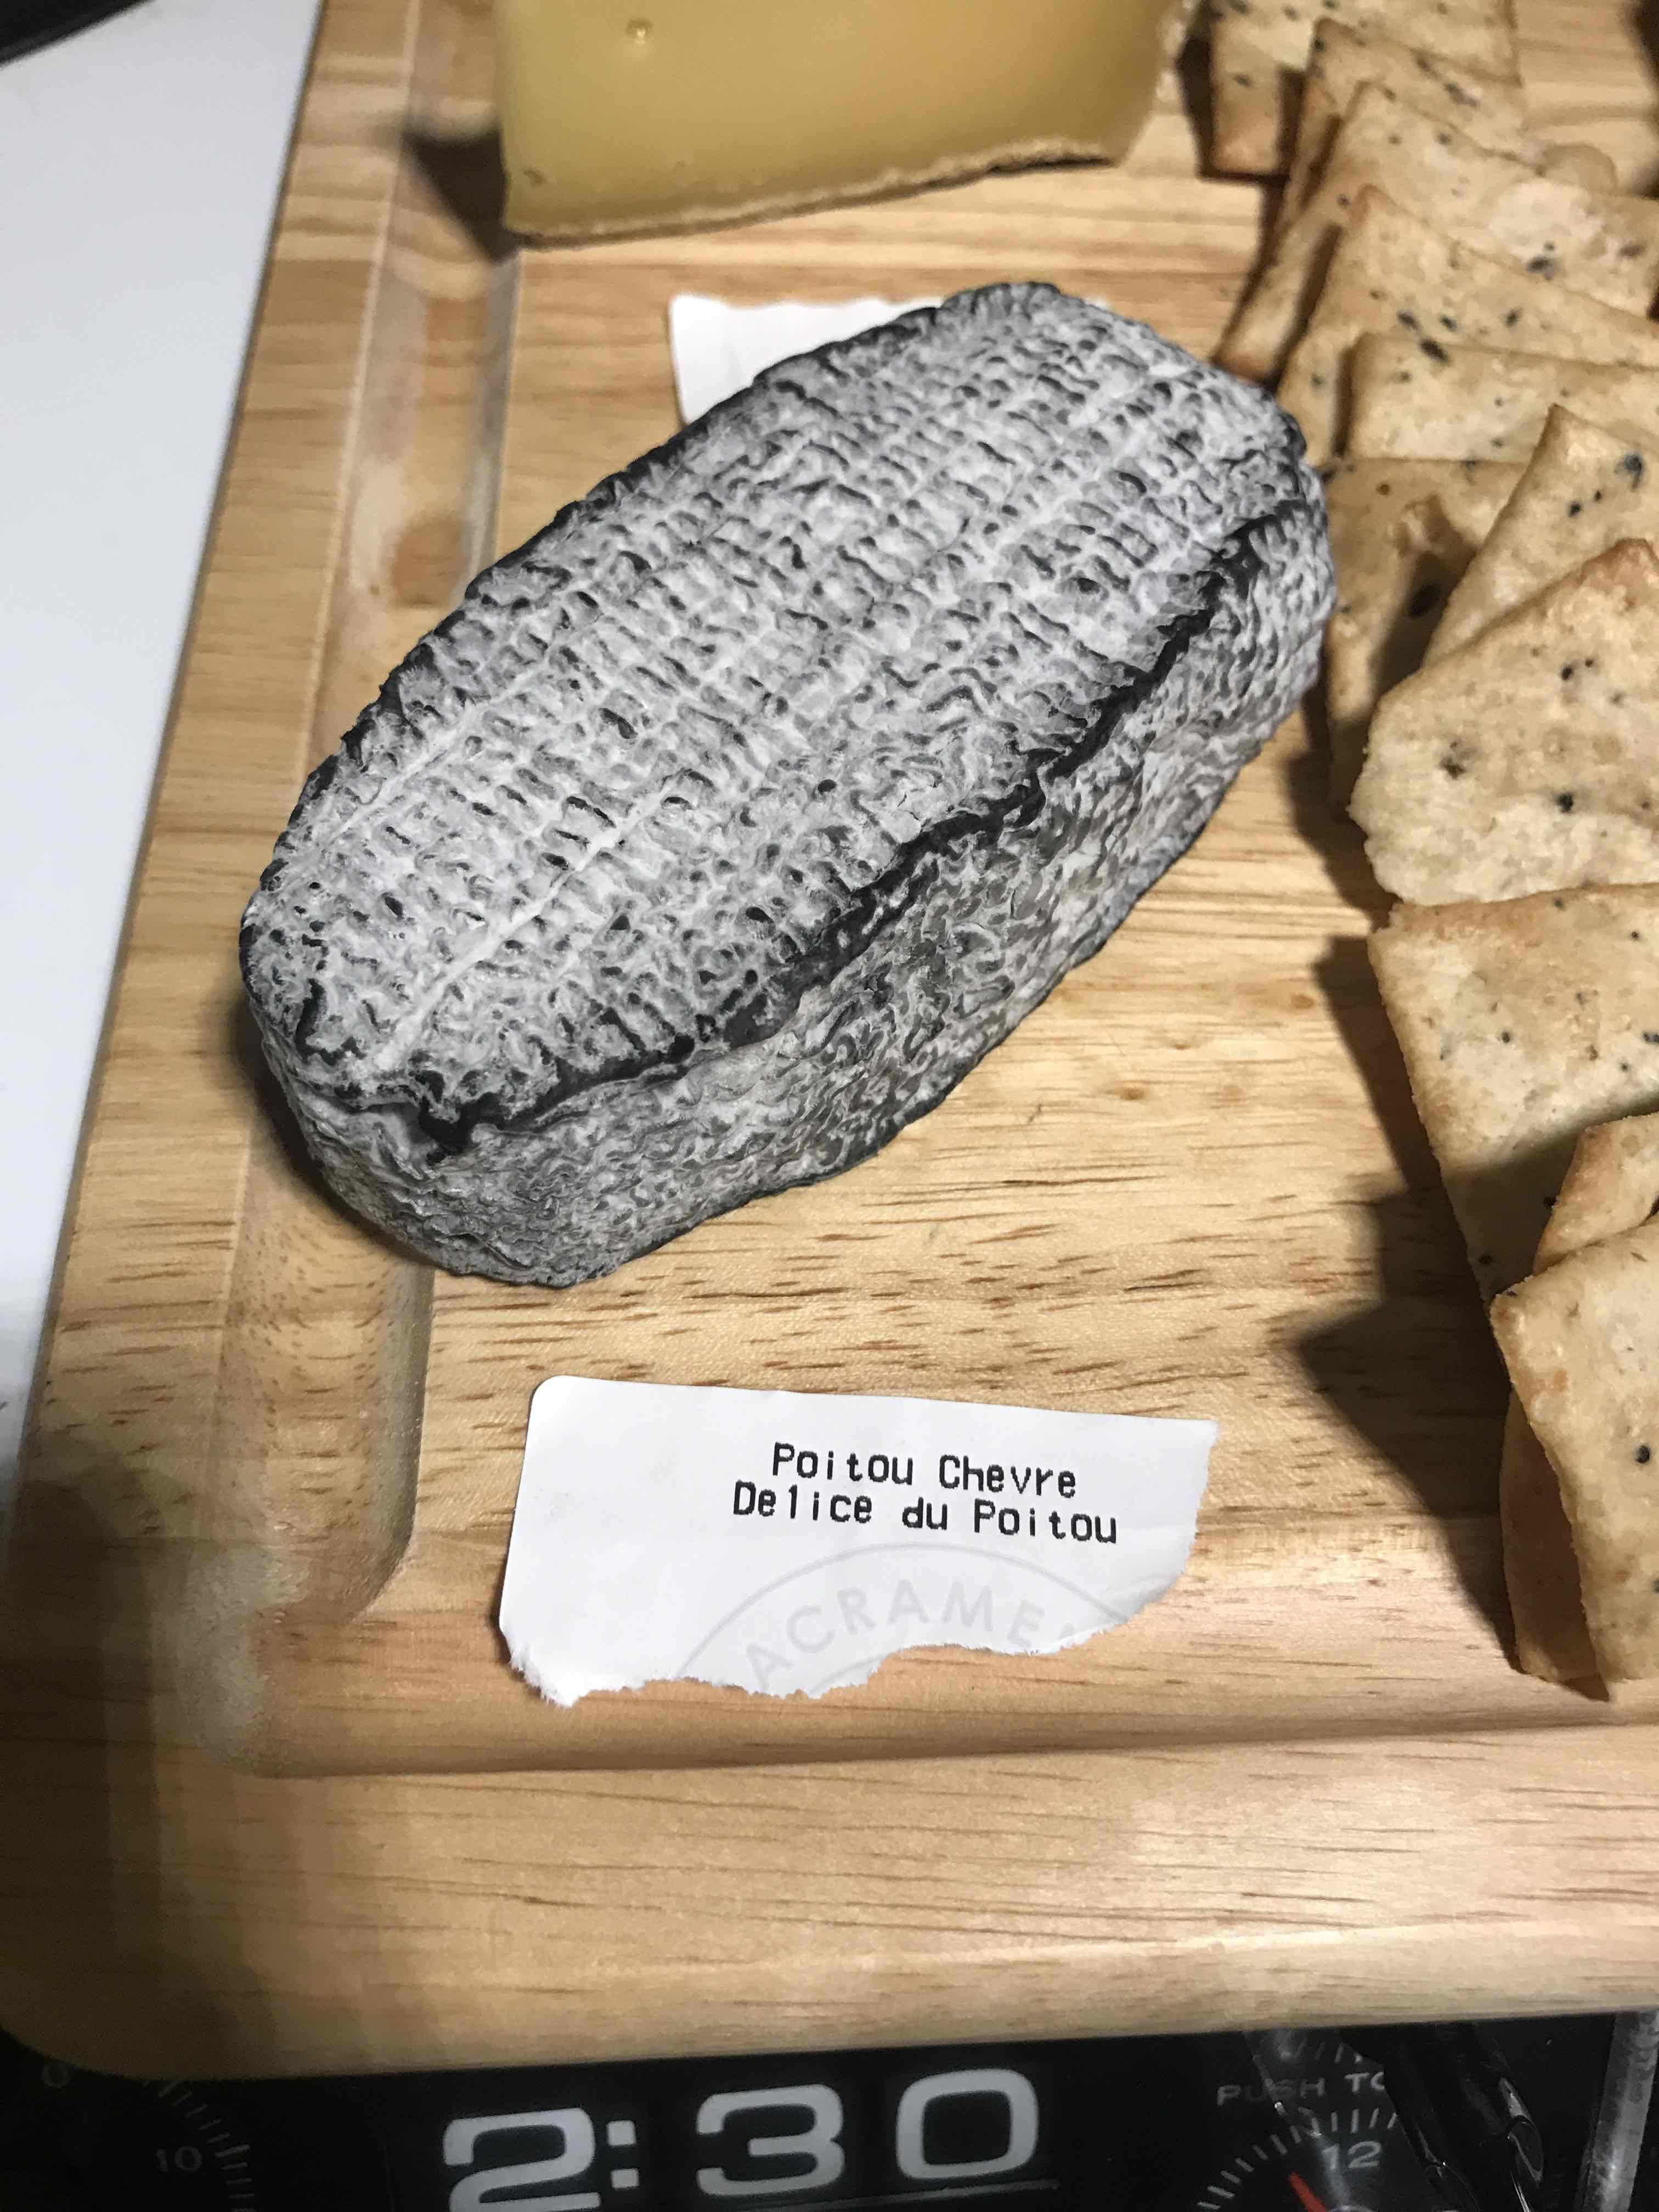 Poitou Chevre